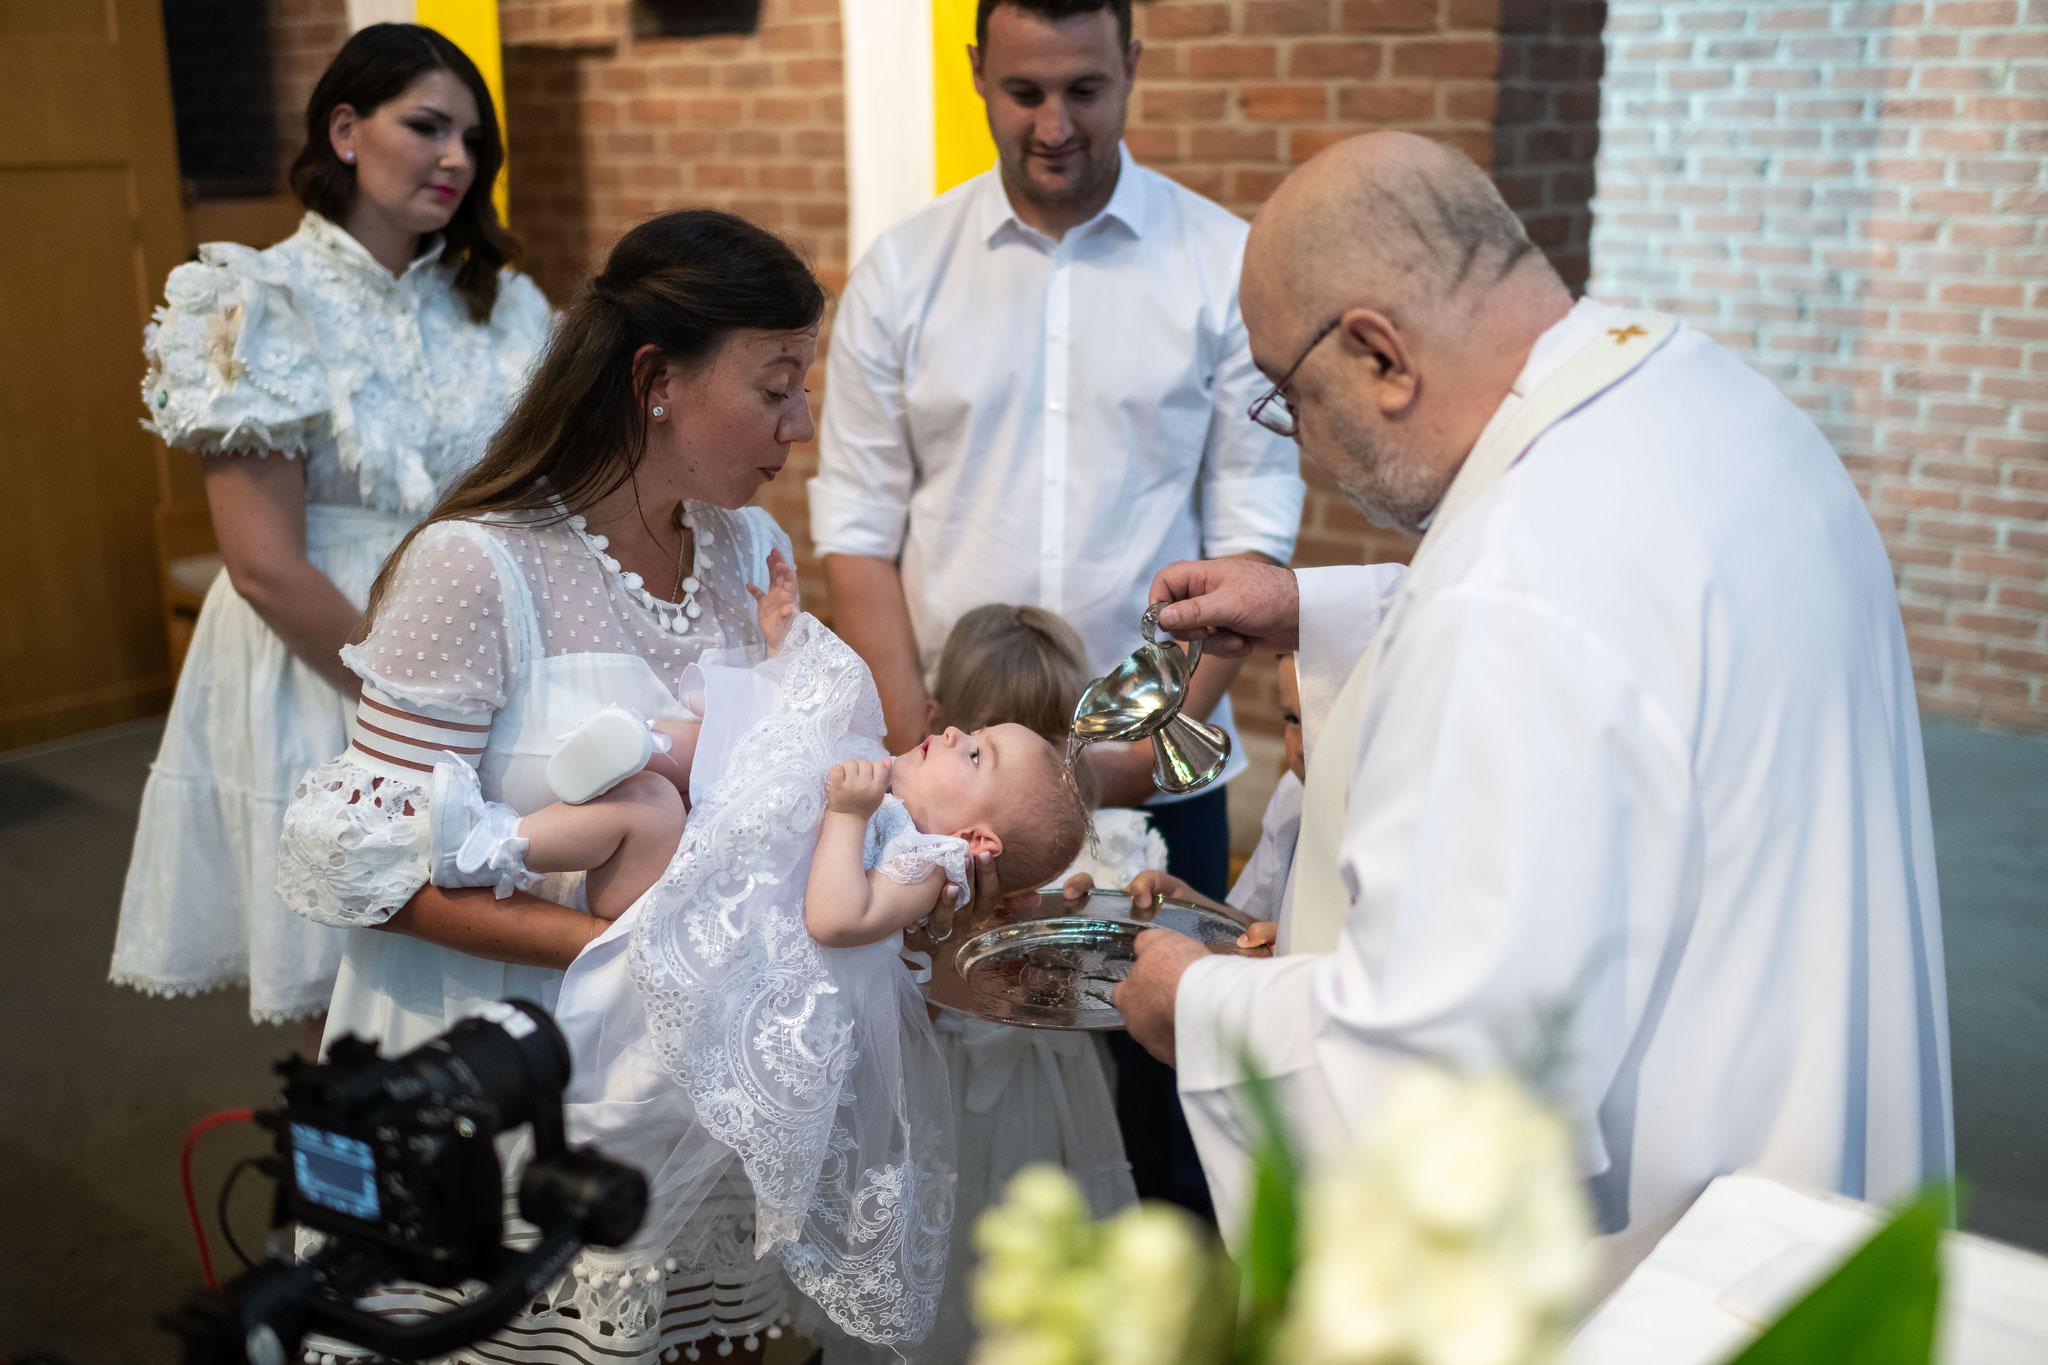 Professionelles Kamerateam für meine Katholische Taufe in Karben und Umgebung